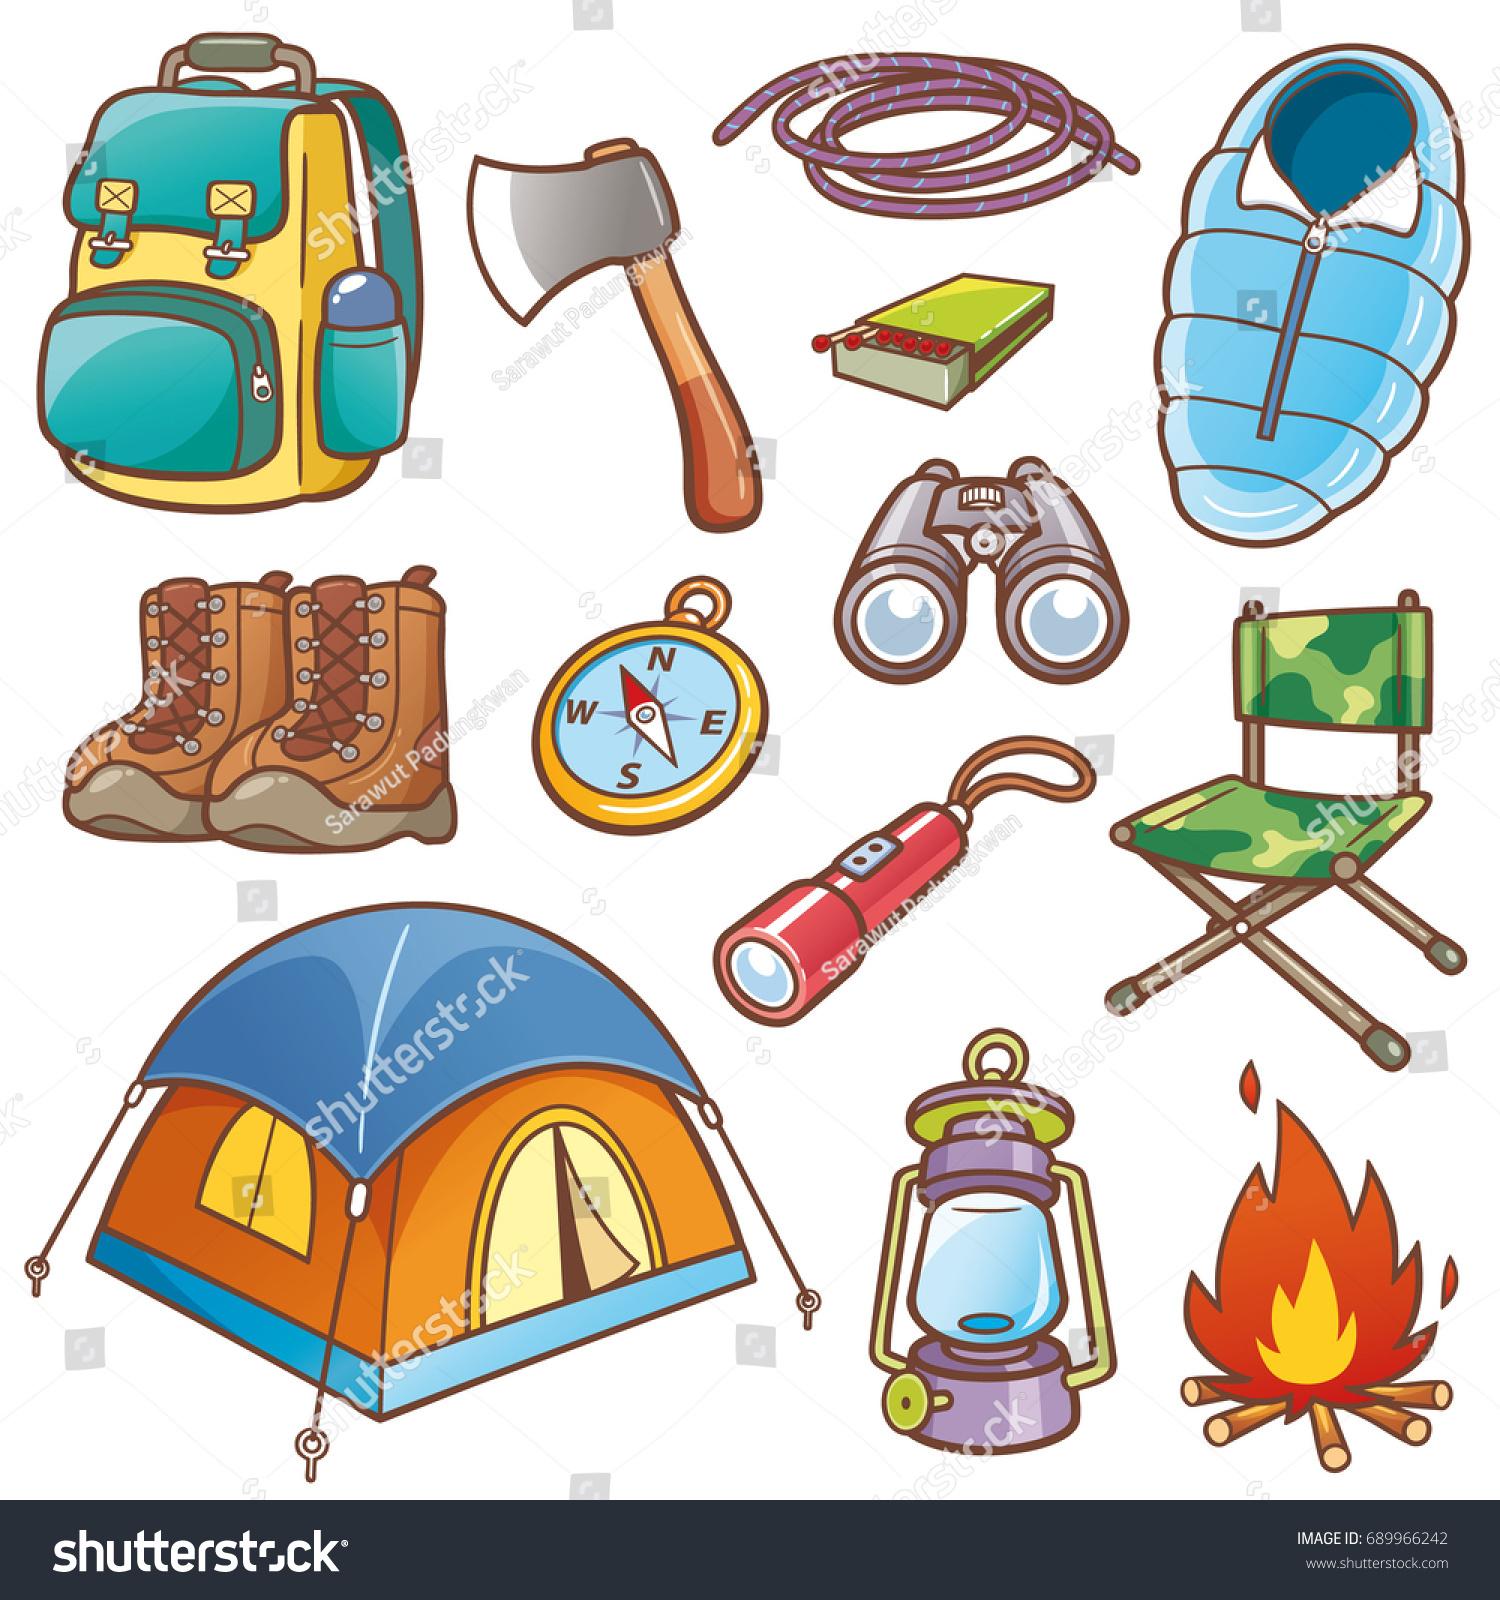 Vector Illustration Of Cartoon Camping Equipment Set